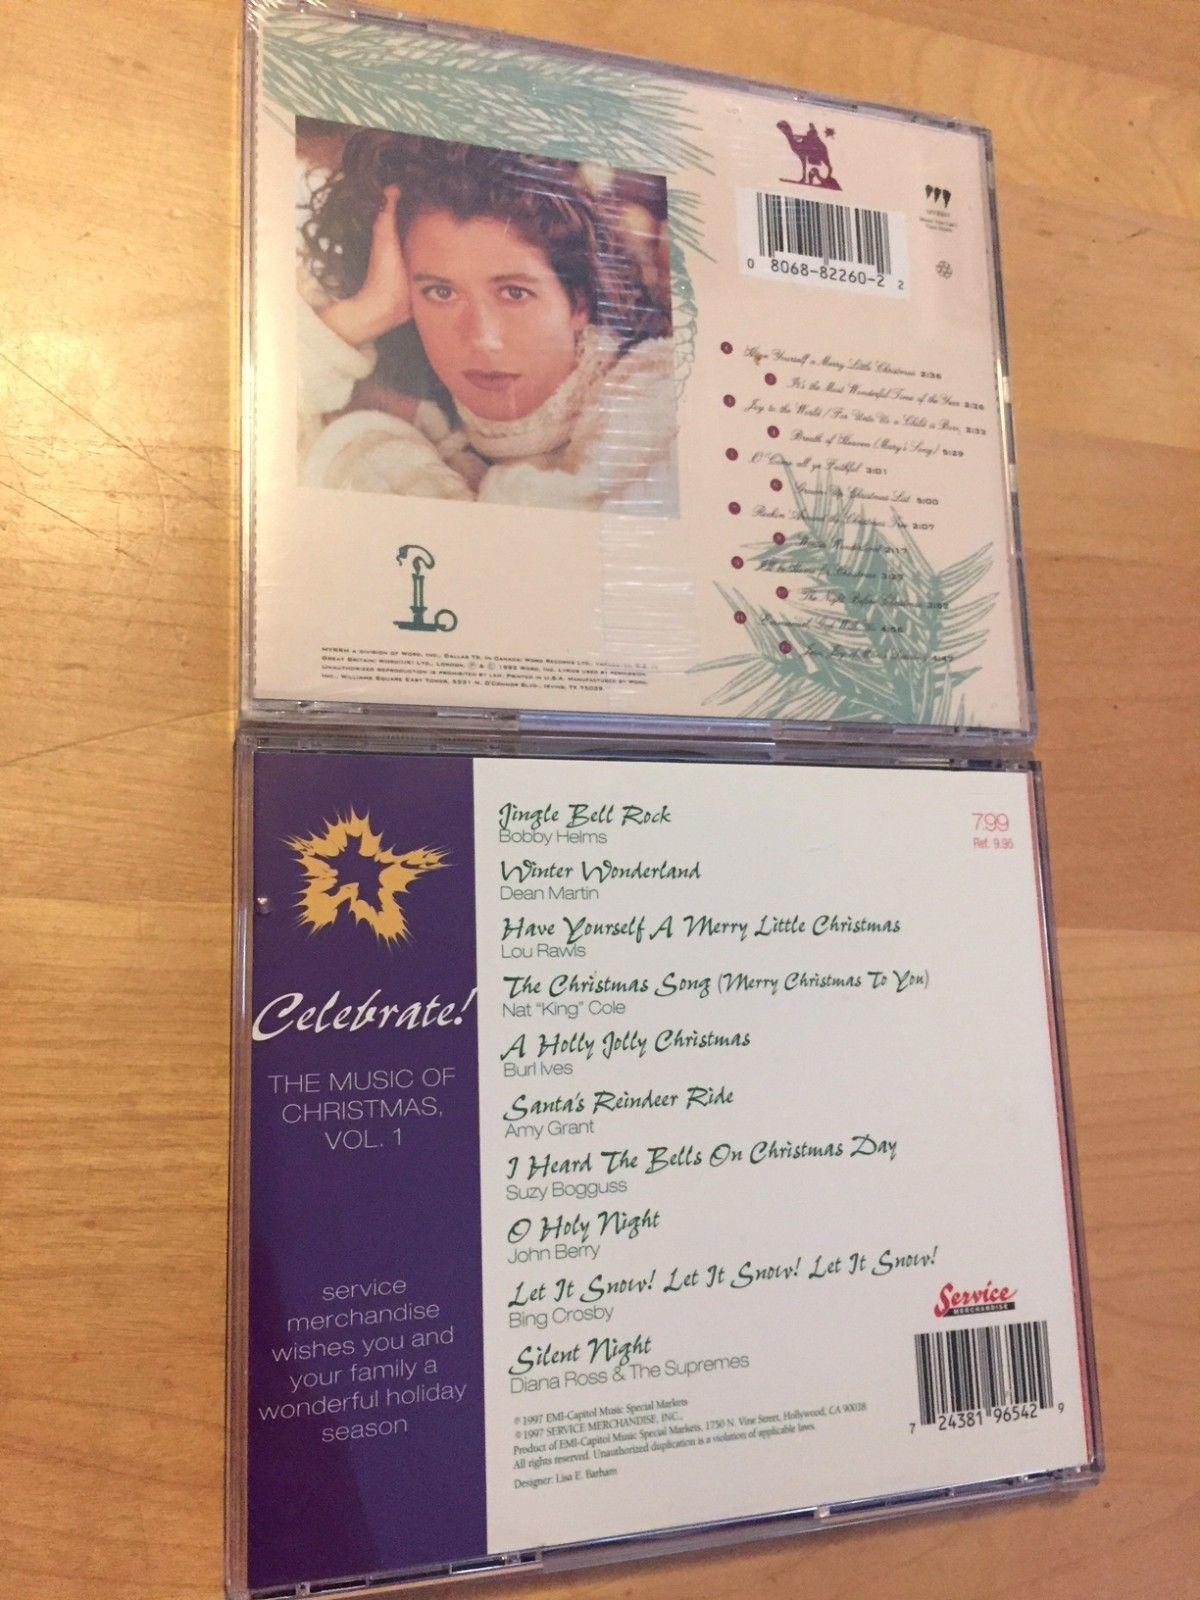 AMY GRANT Home for Christmas CD BRAND NEW & SEALED +BONUS Celebrate Music Of CD! - CDs